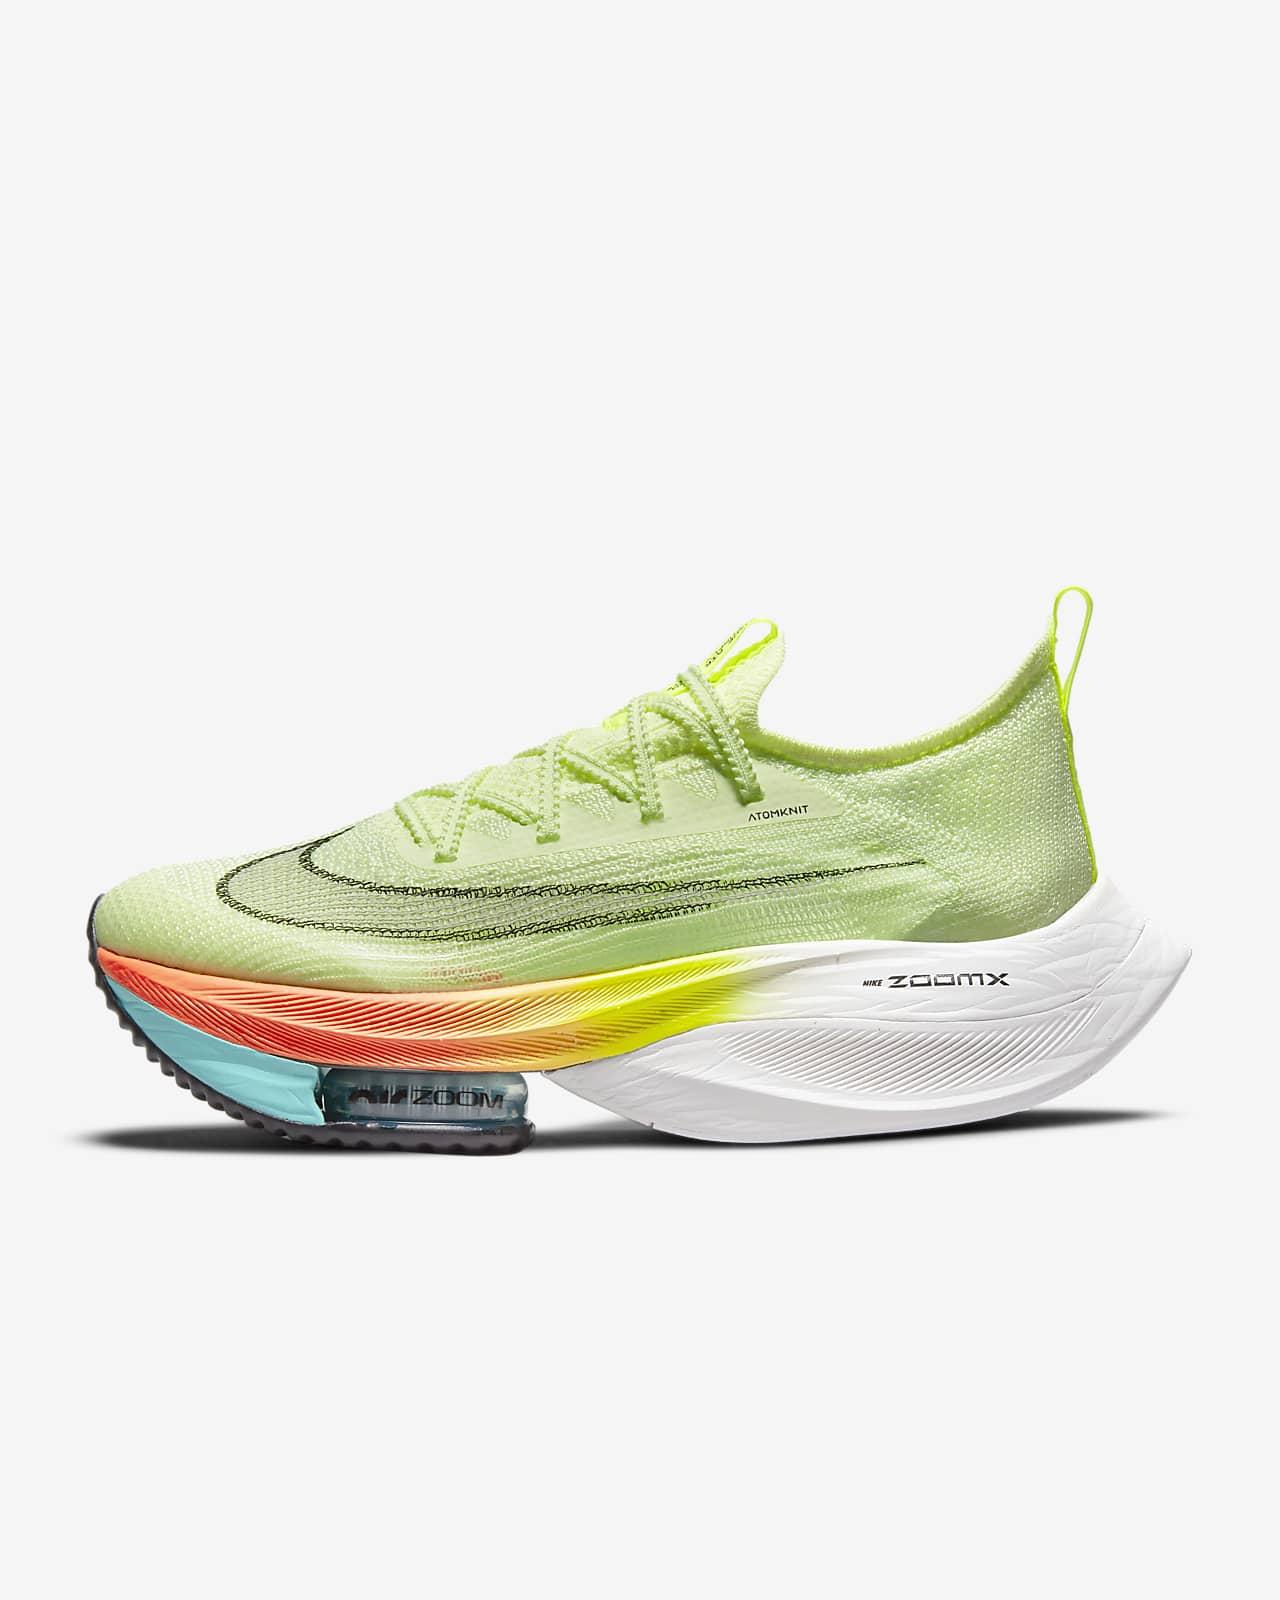 Sapatilhas de competição para estrada Nike Air Zoom Alphafly NEXT% para mulher